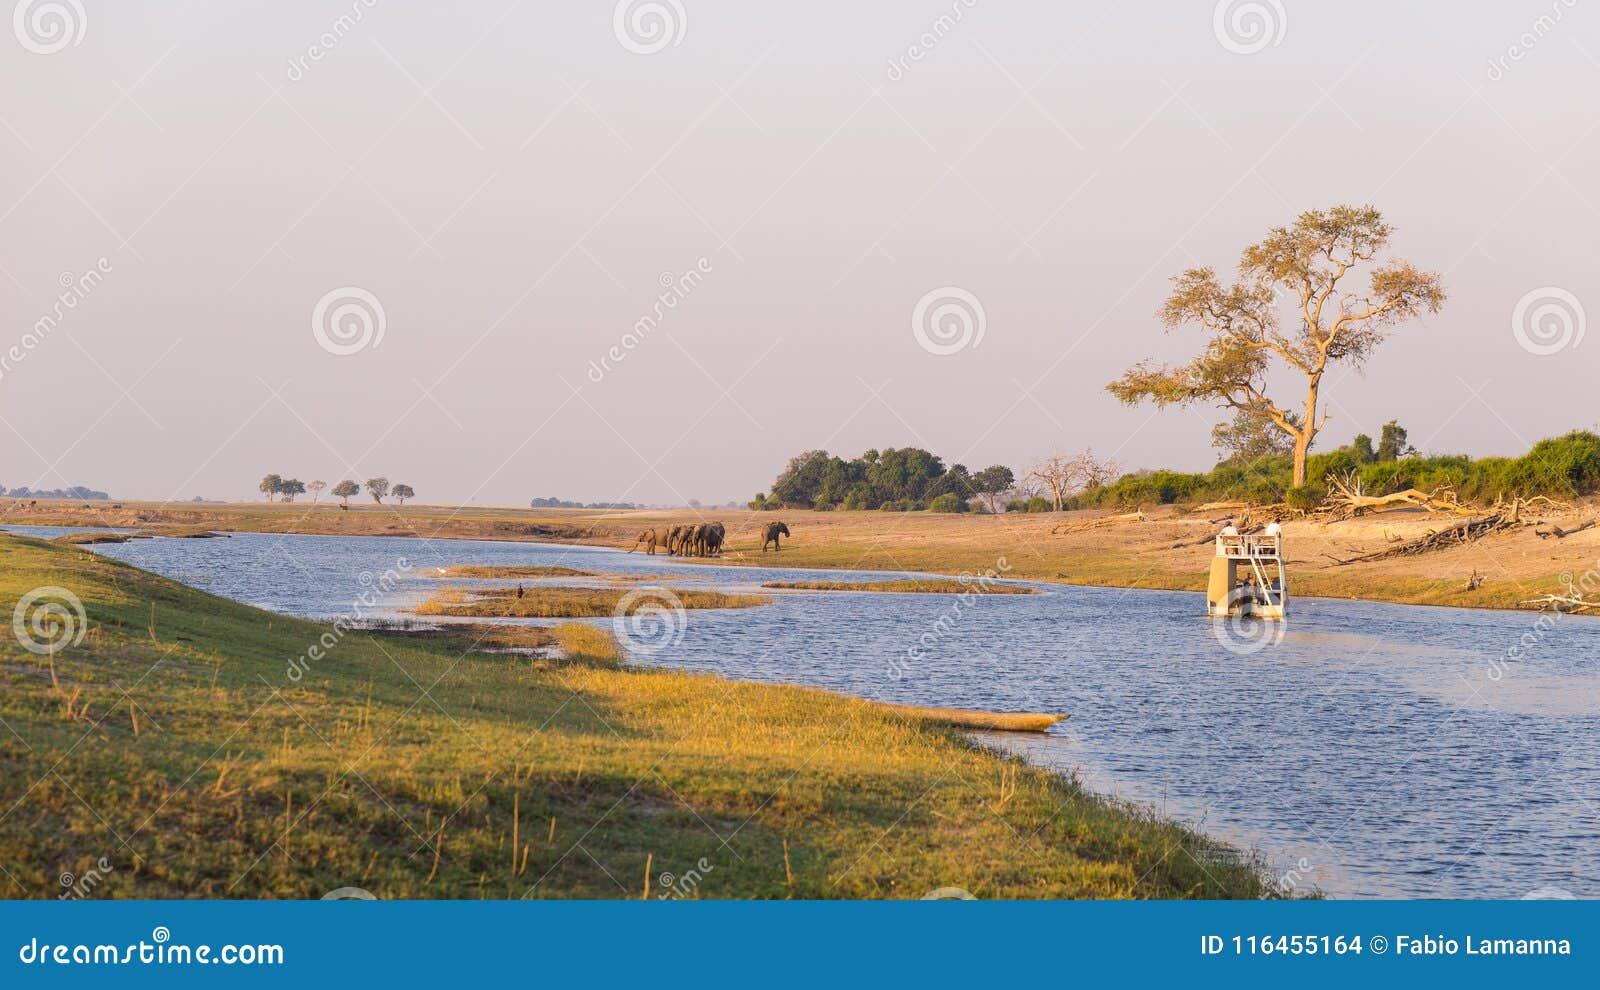 Κρουαζιέρα βαρκών και σαφάρι άγριας φύσης στον ποταμό Chobe, σύνορα της Ναμίμπια Μποτσουάνα, Αφρική Εθνικό πάρκο Chobe, διάσημη ε